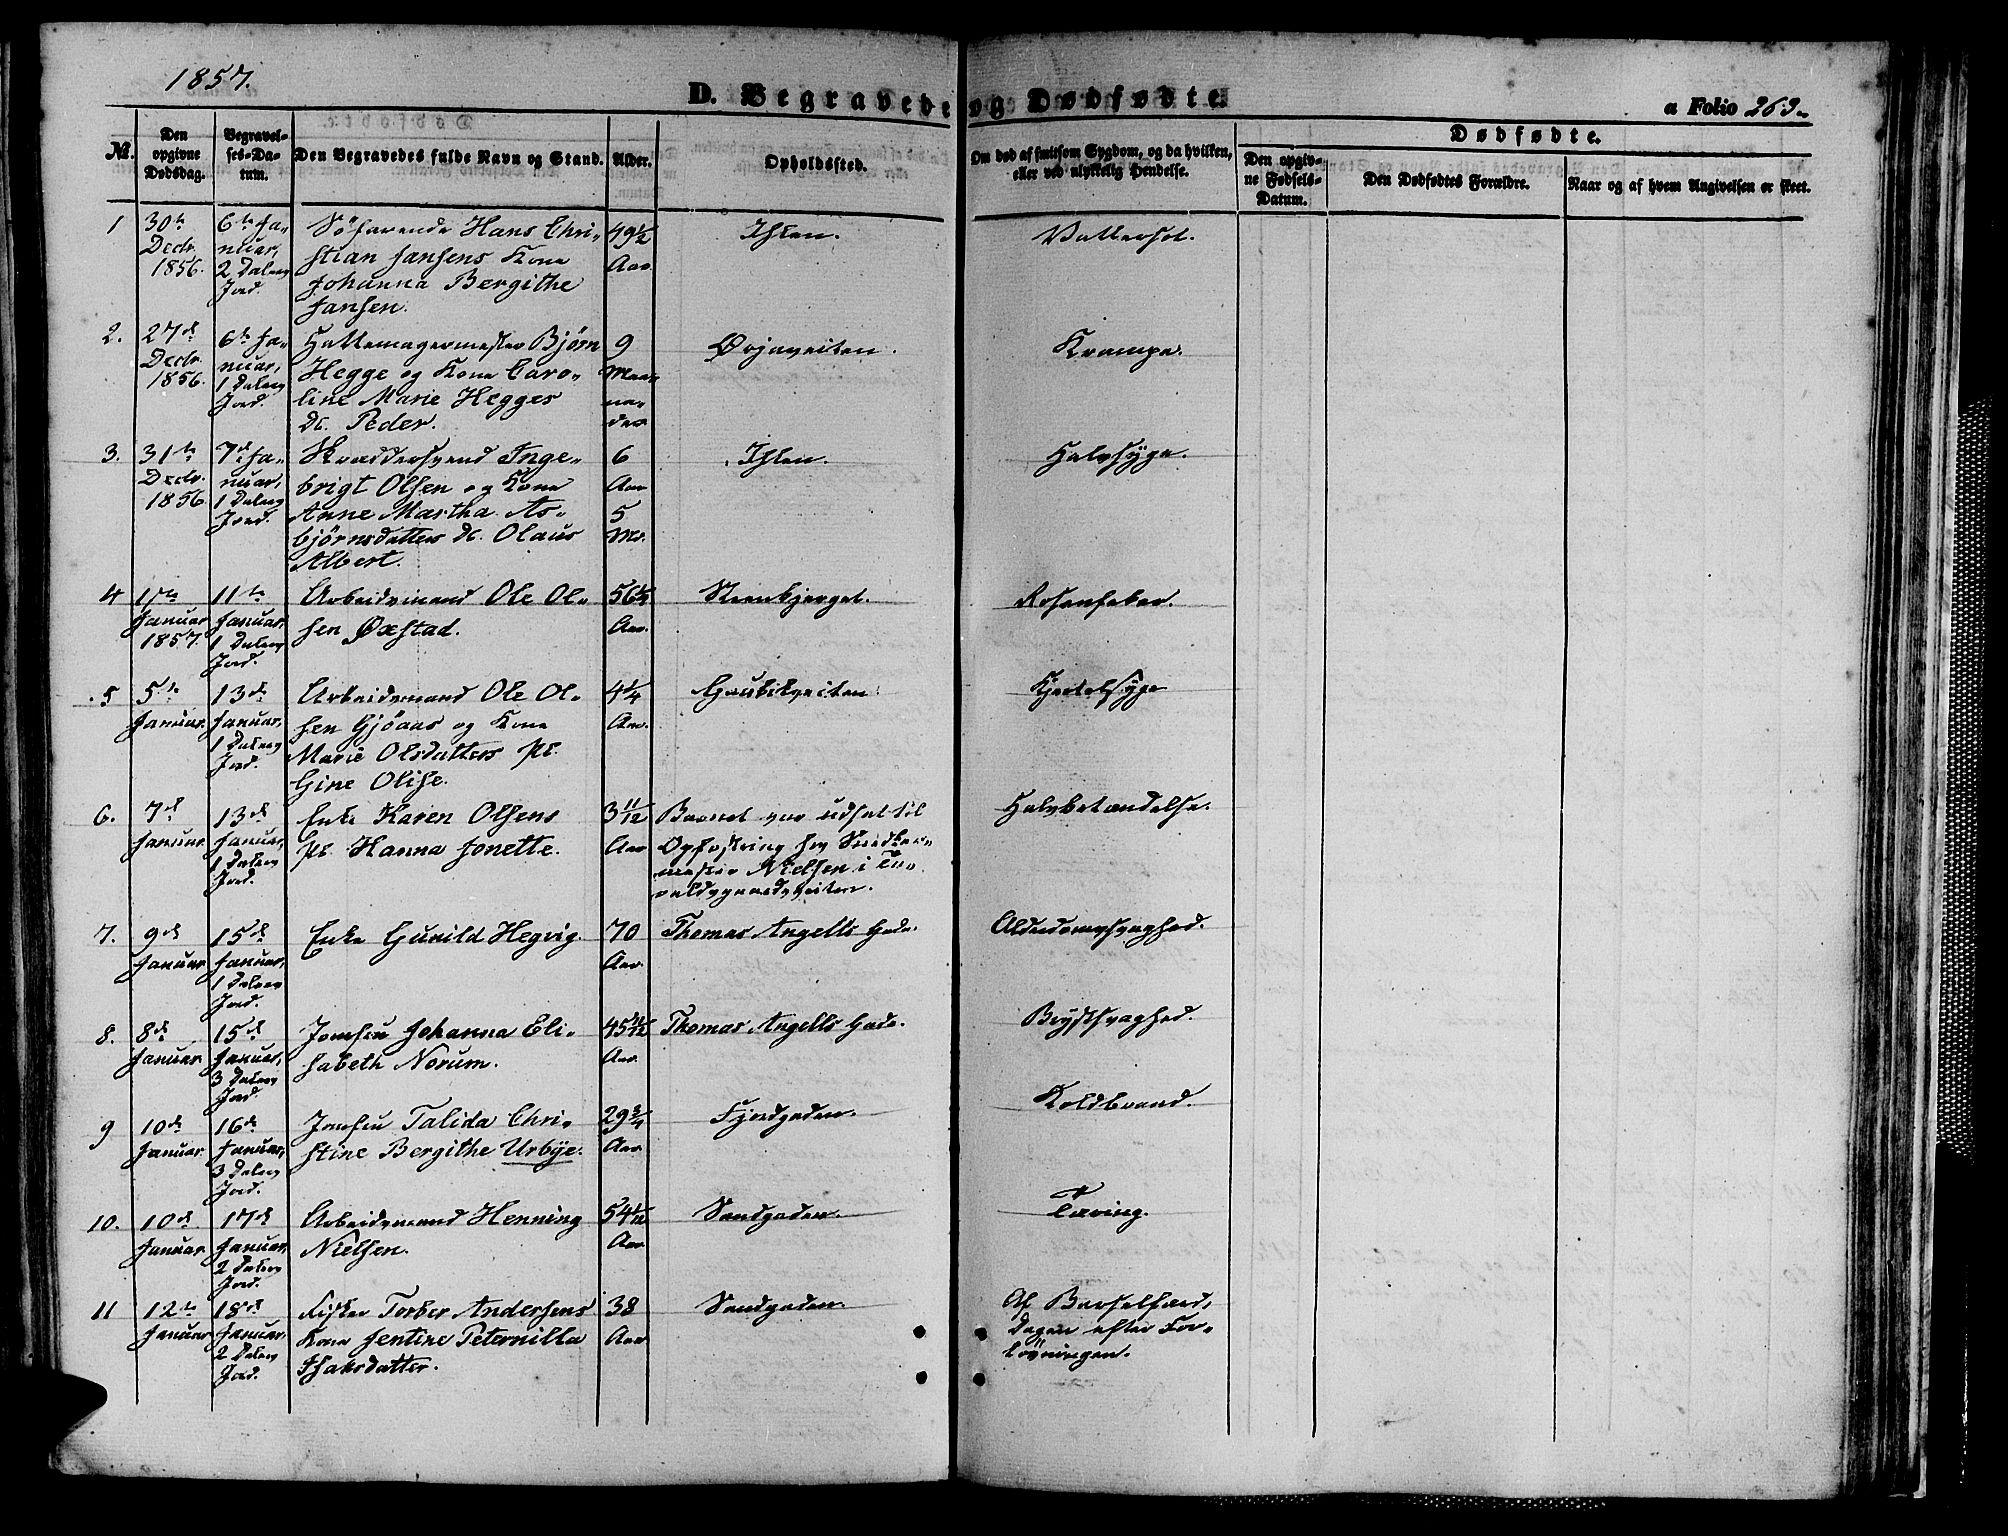 SAT, Ministerialprotokoller, klokkerbøker og fødselsregistre - Sør-Trøndelag, 602/L0138: Klokkerbok nr. 602C06, 1853-1858, s. 263